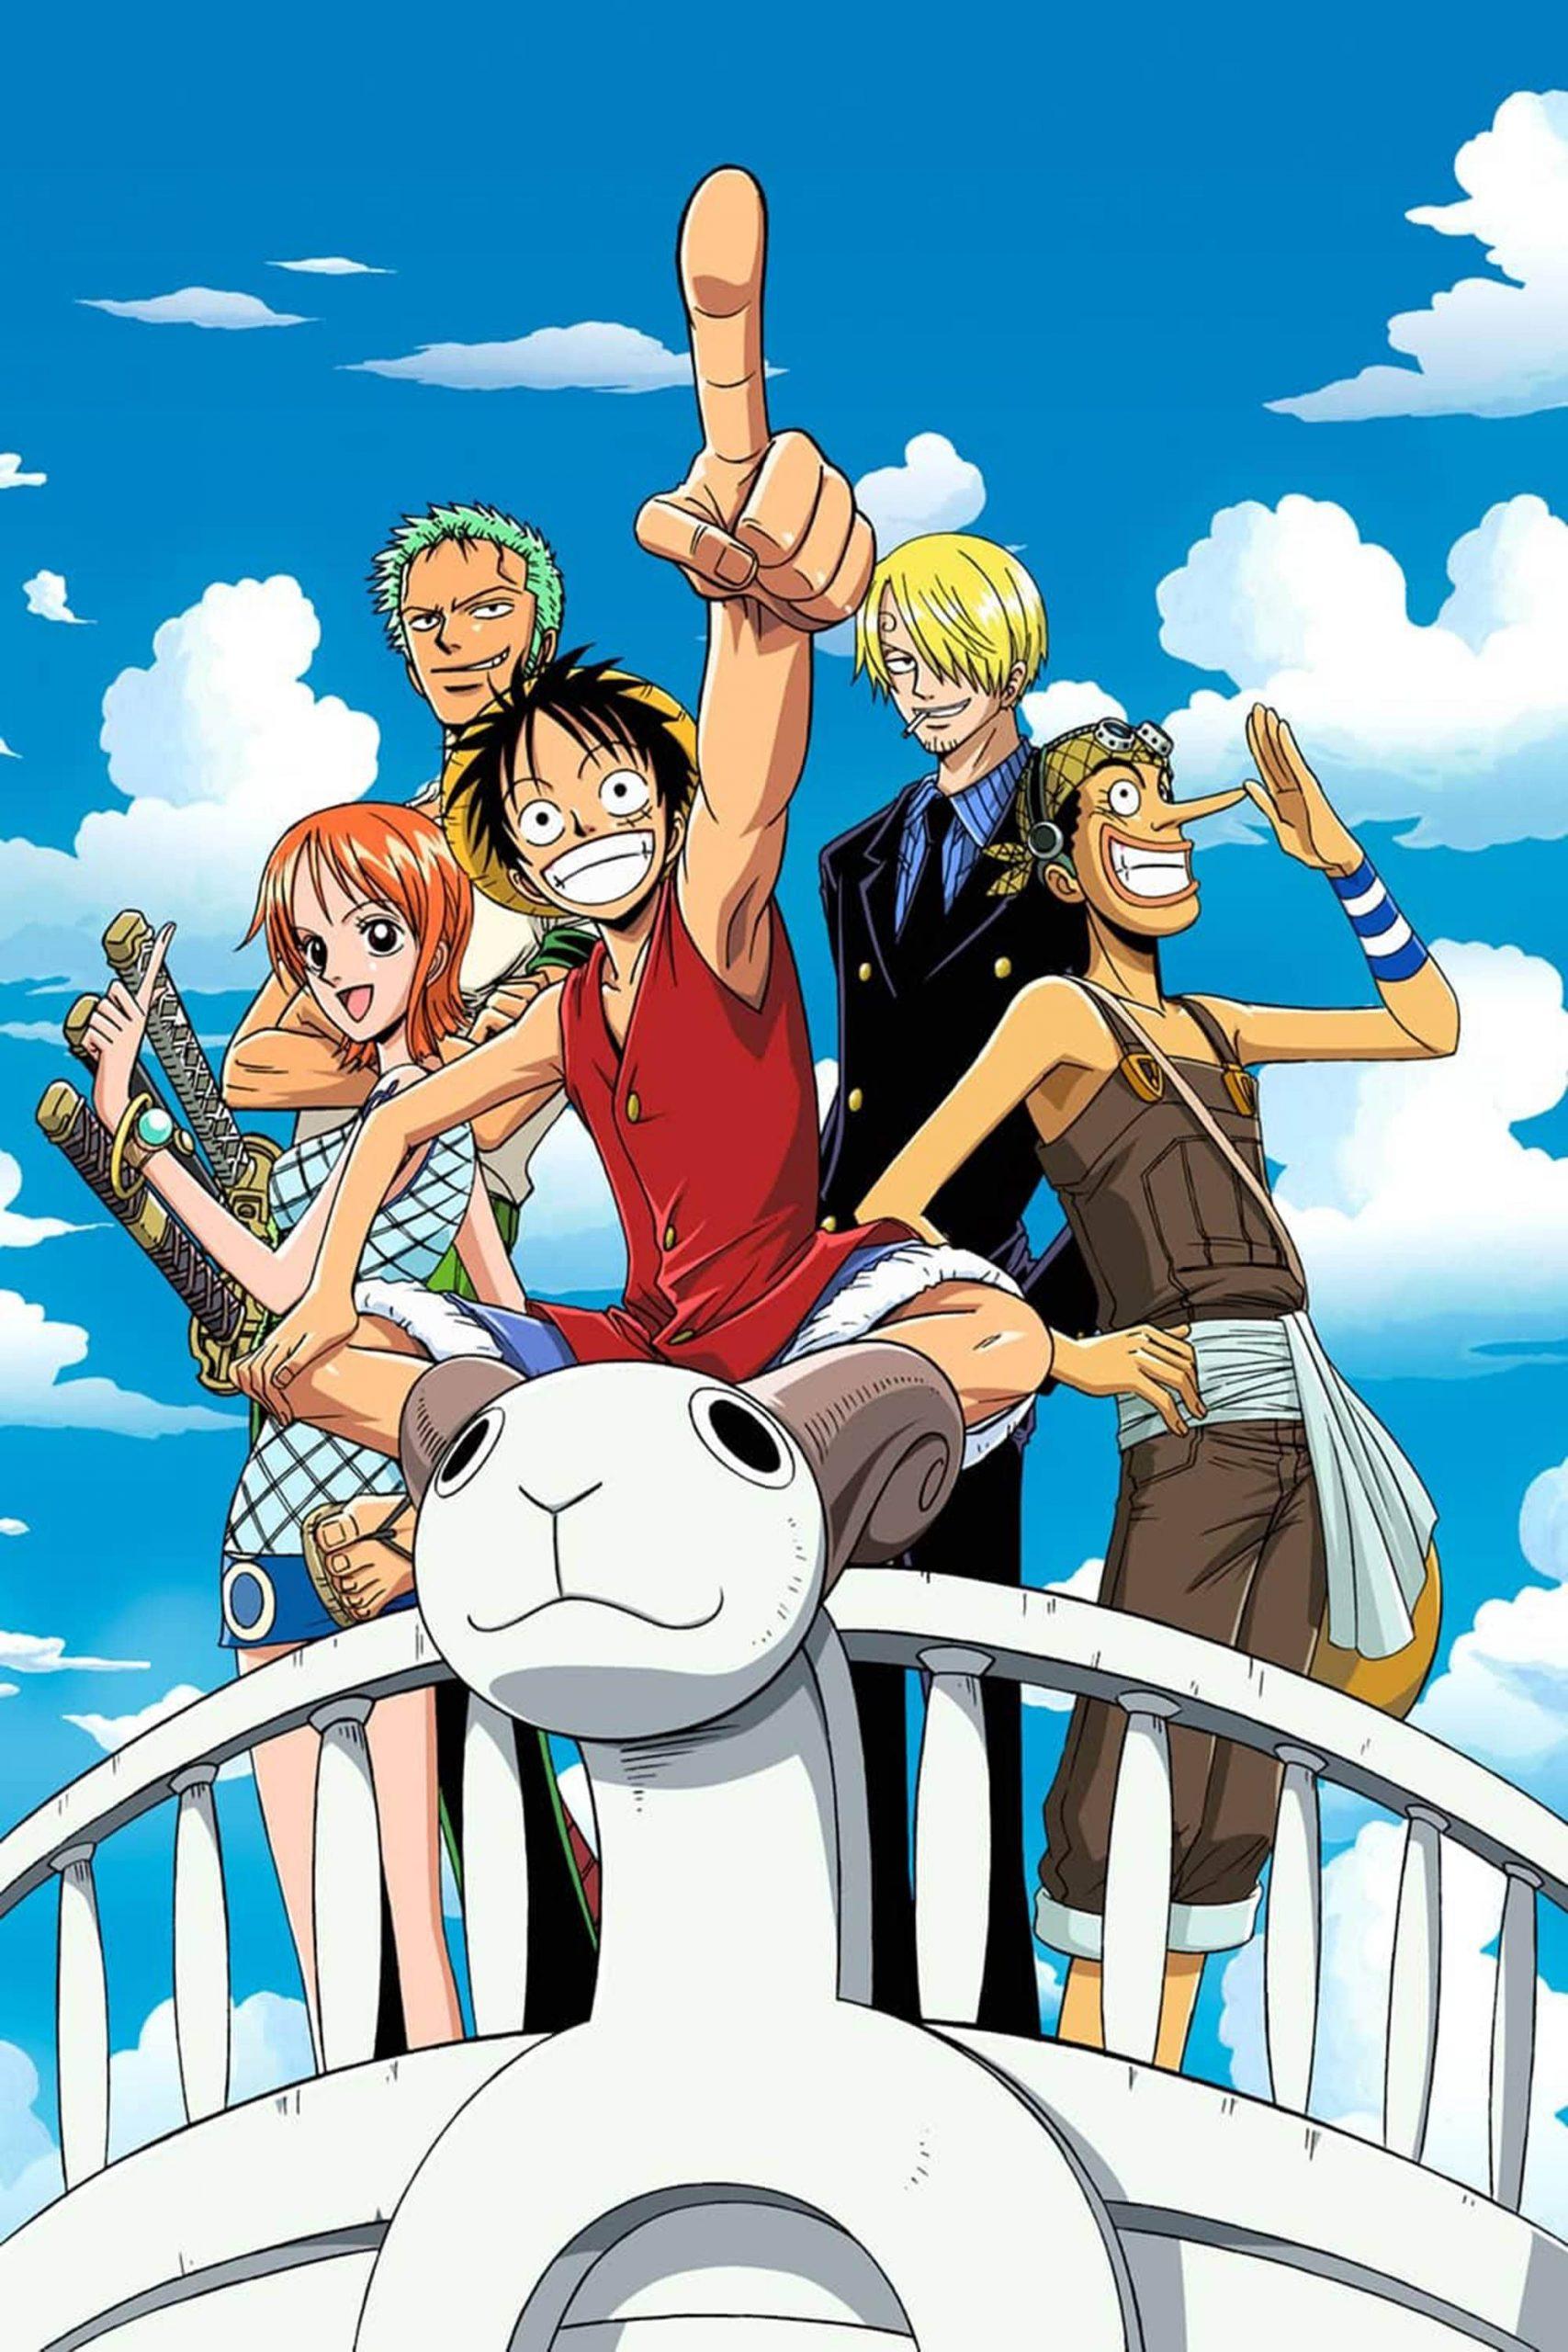 One-Piece-scaled.jpg